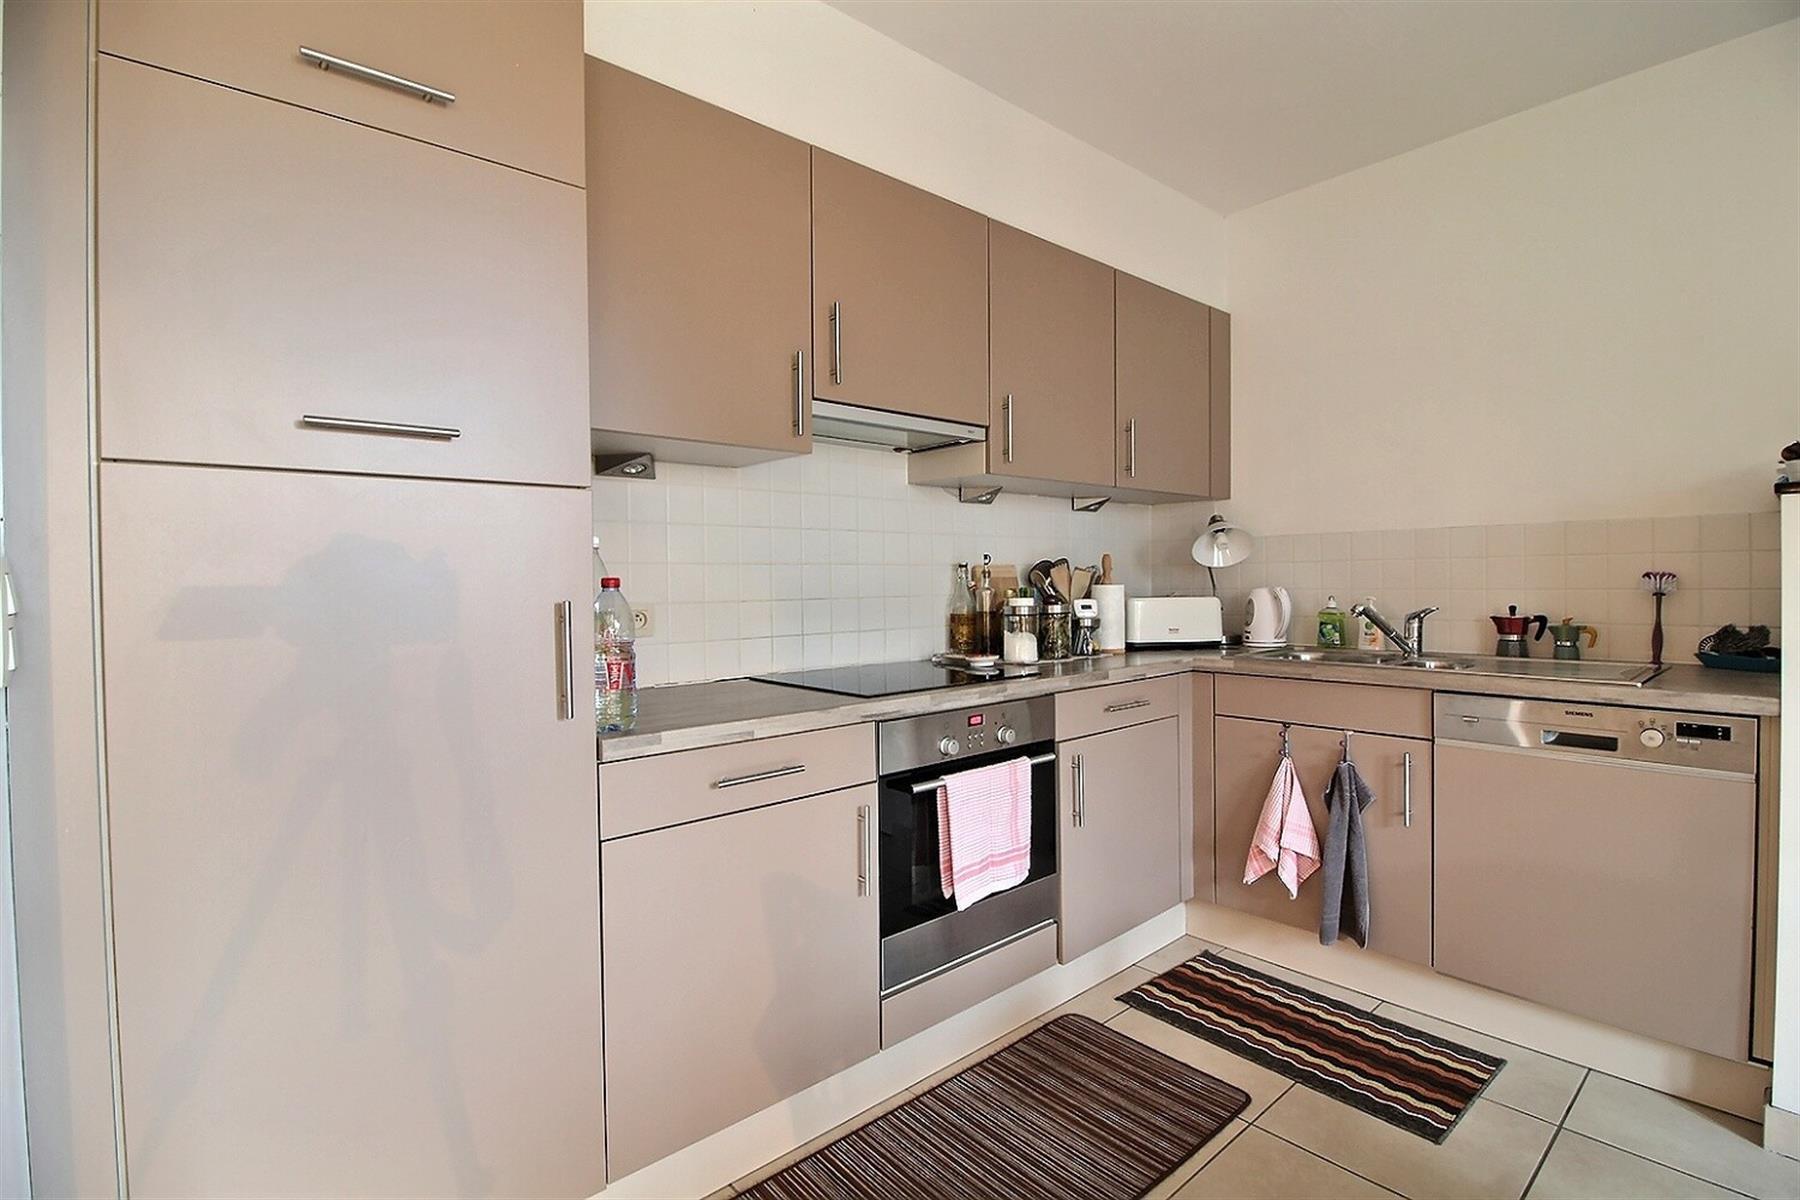 Appartement - Ottignies-Louvain-la-Neuve - #4174683-2